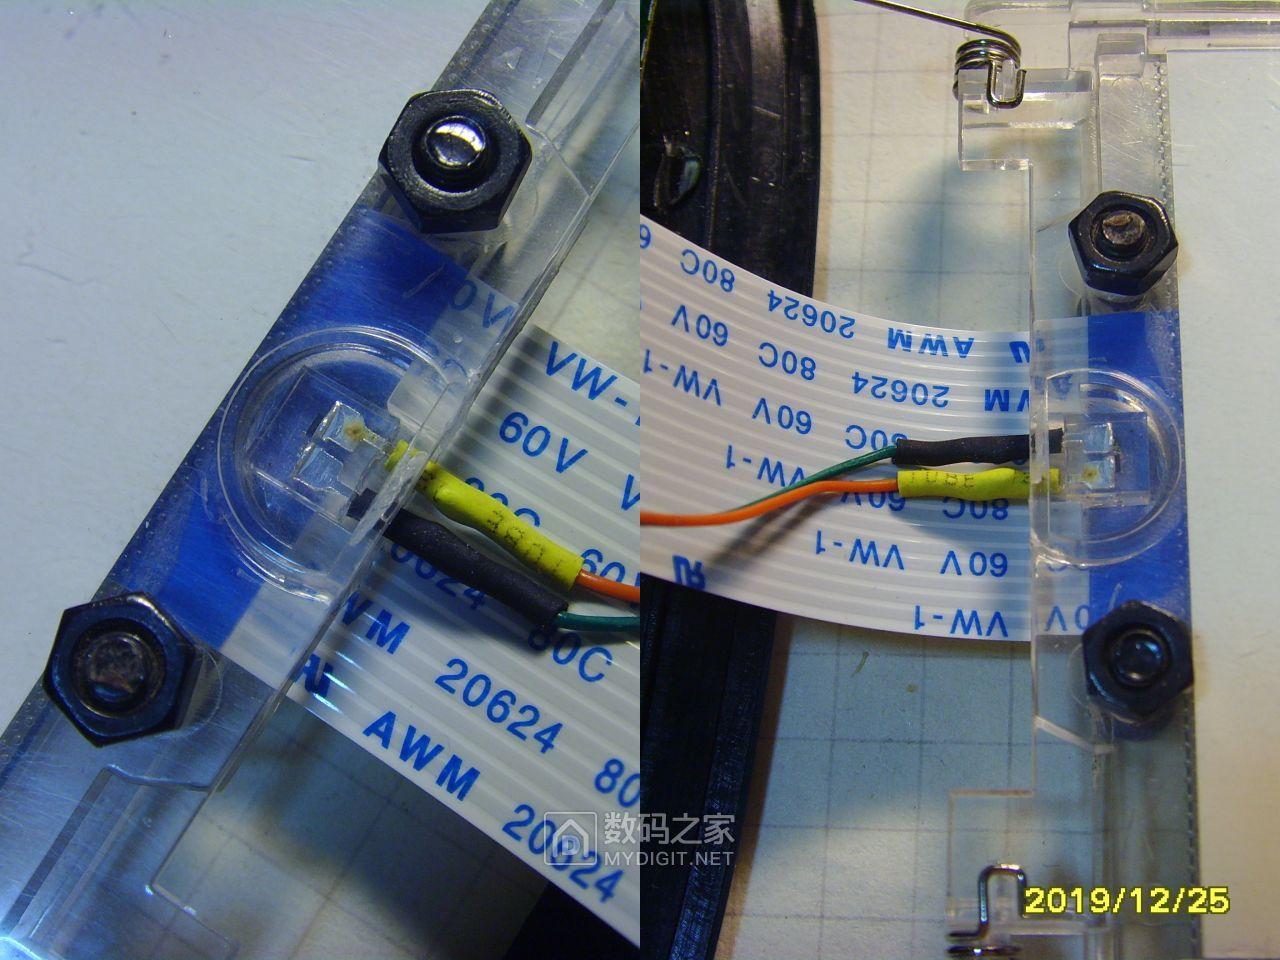 背光LED,只有两根线,但有红绿蓝三色发光。